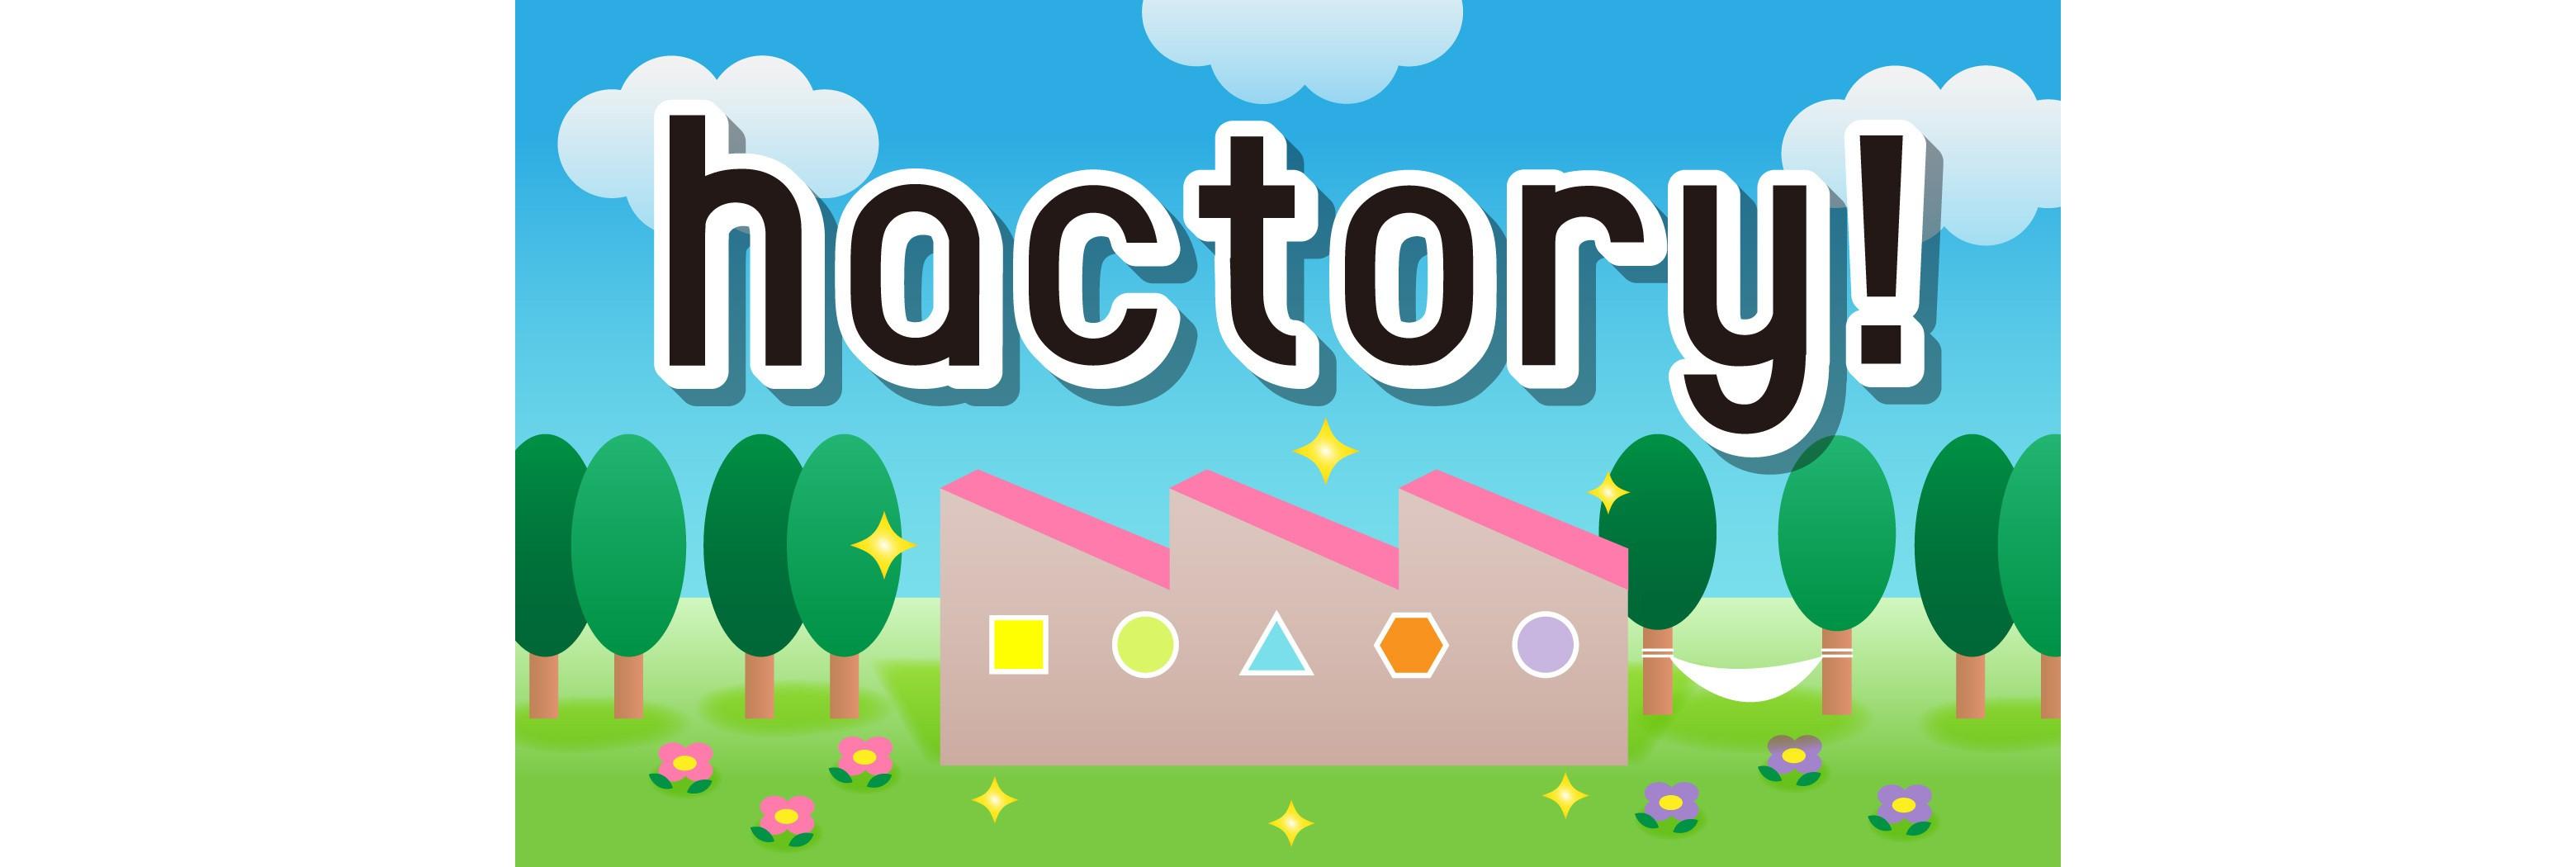 haco! +Factory=hactory!